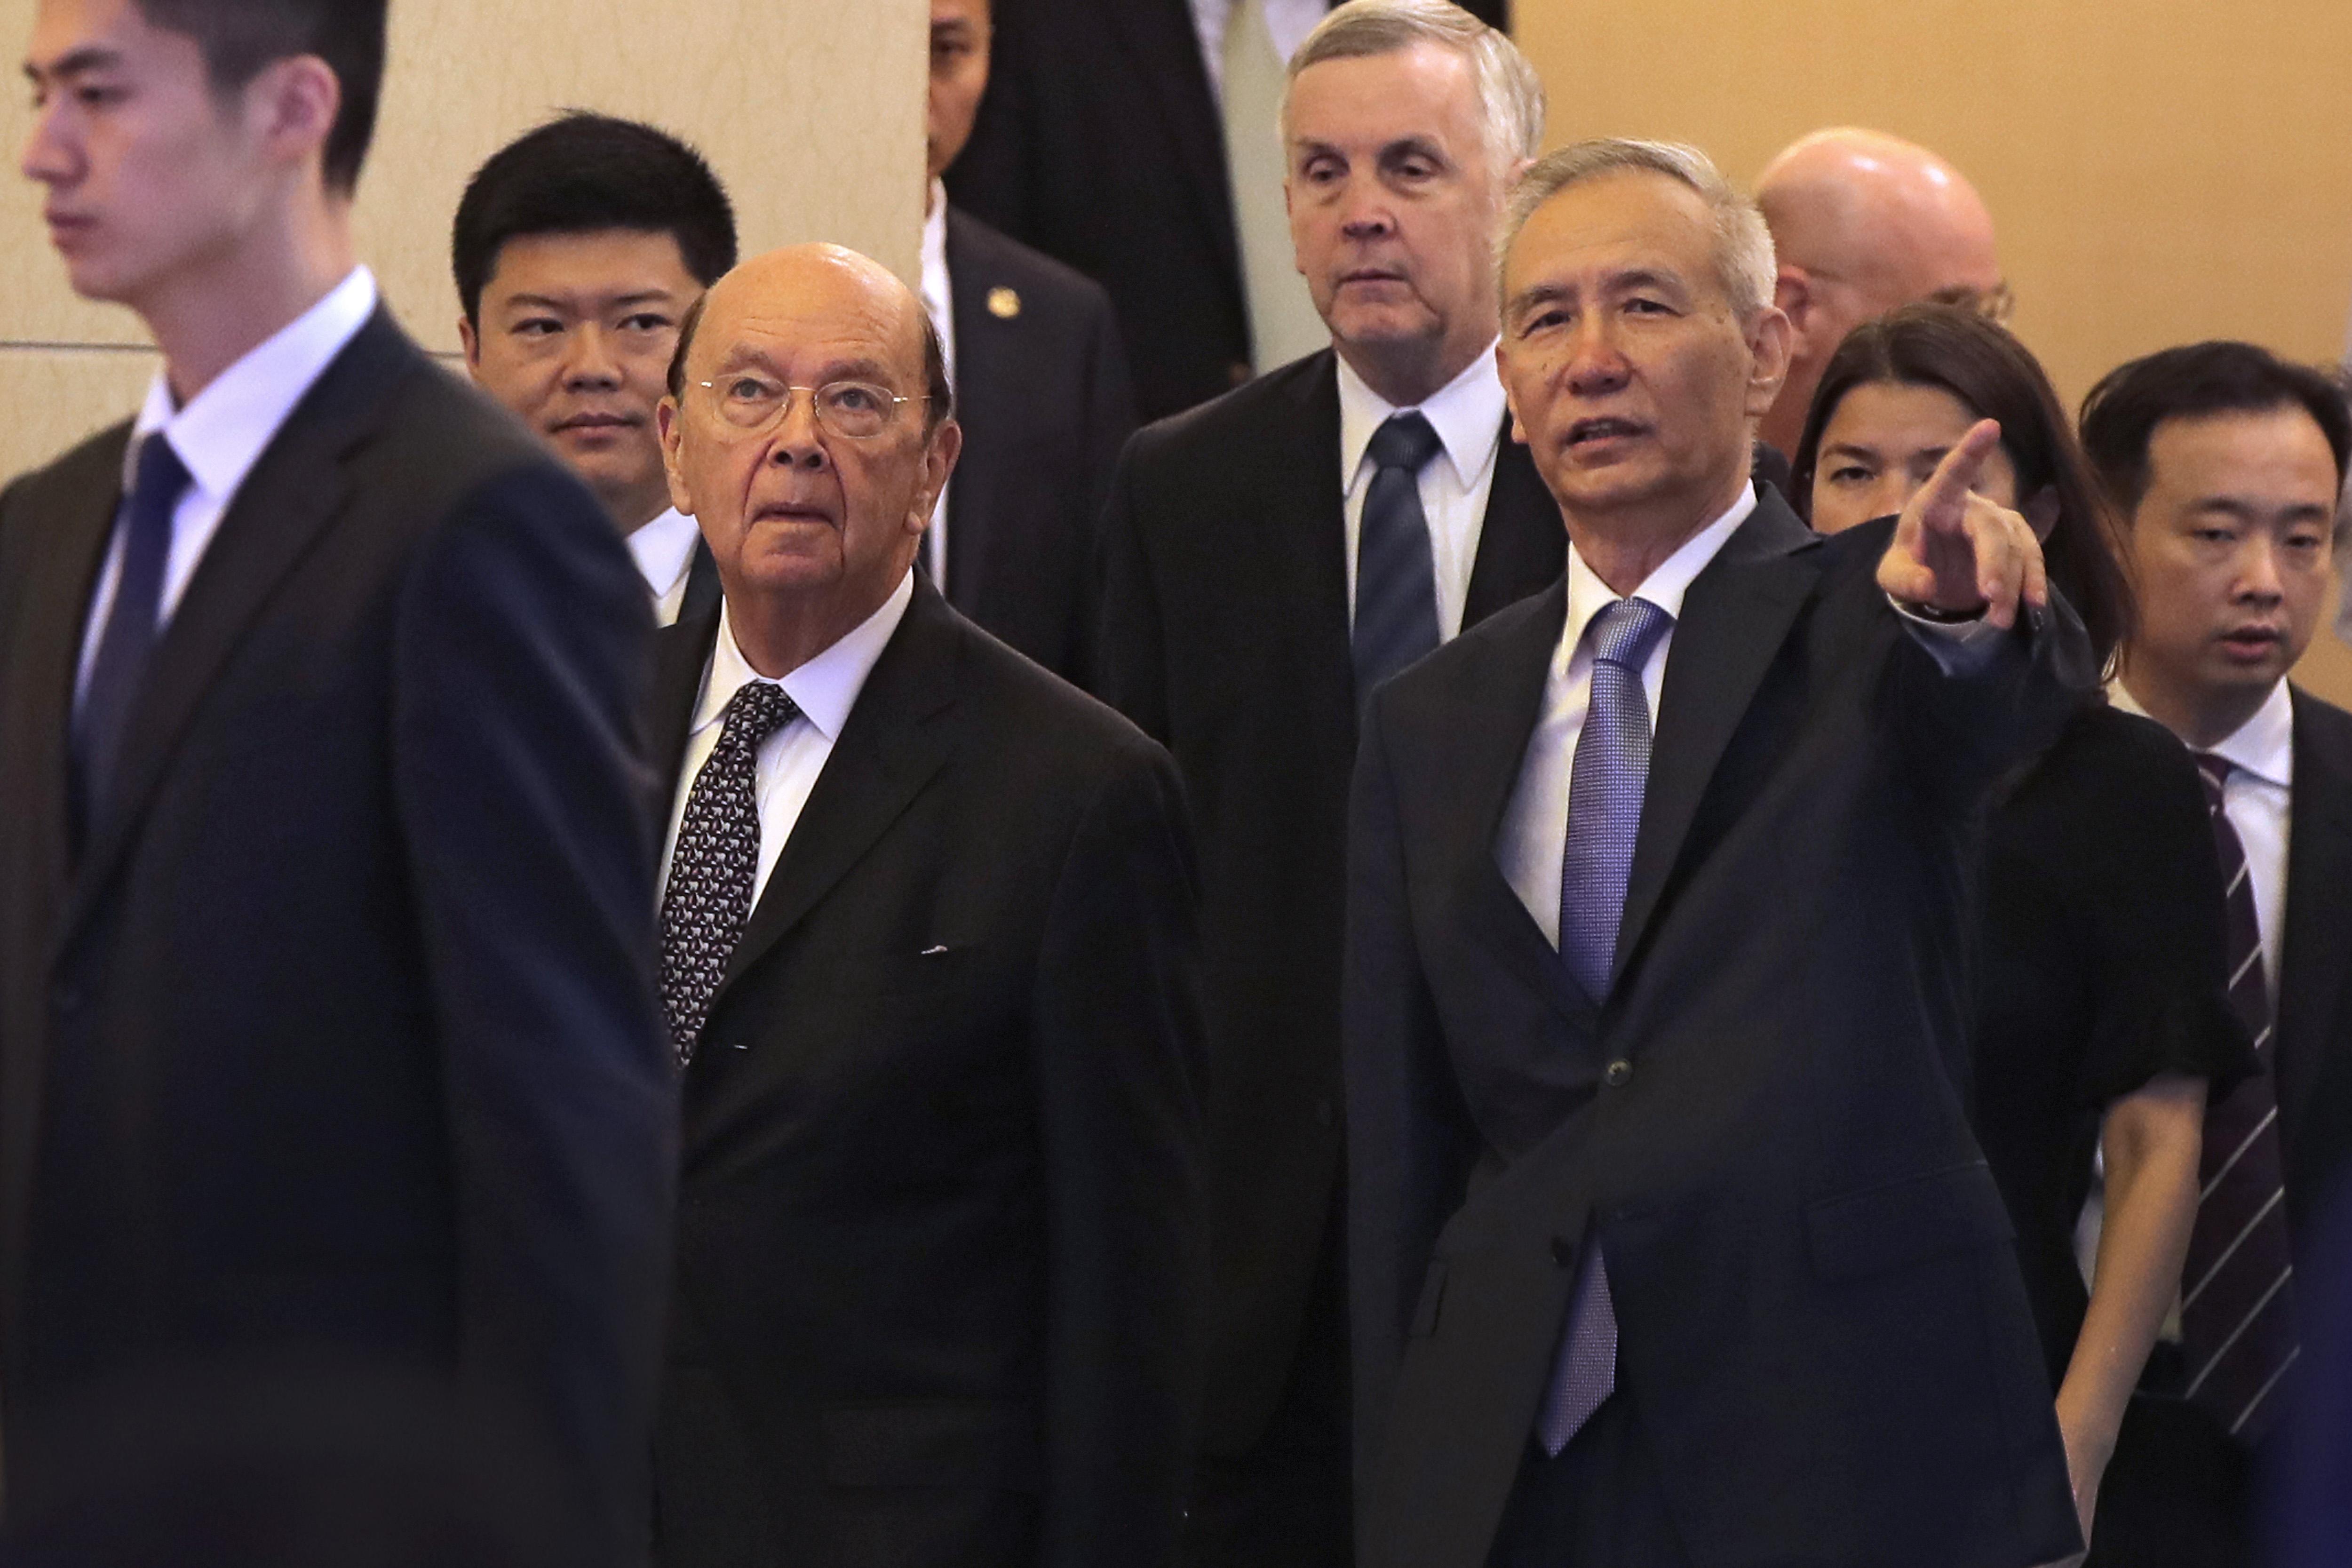 本周登場的中美高級官員貿易談判是全球關注焦點,雙方能否在3月1日前達成協議,就看這一回。圖為2018年6月美國商務部長羅斯(圖左三)在北京與中共副總理劉鶴會面。(Andy Wong/POOL/AFP)